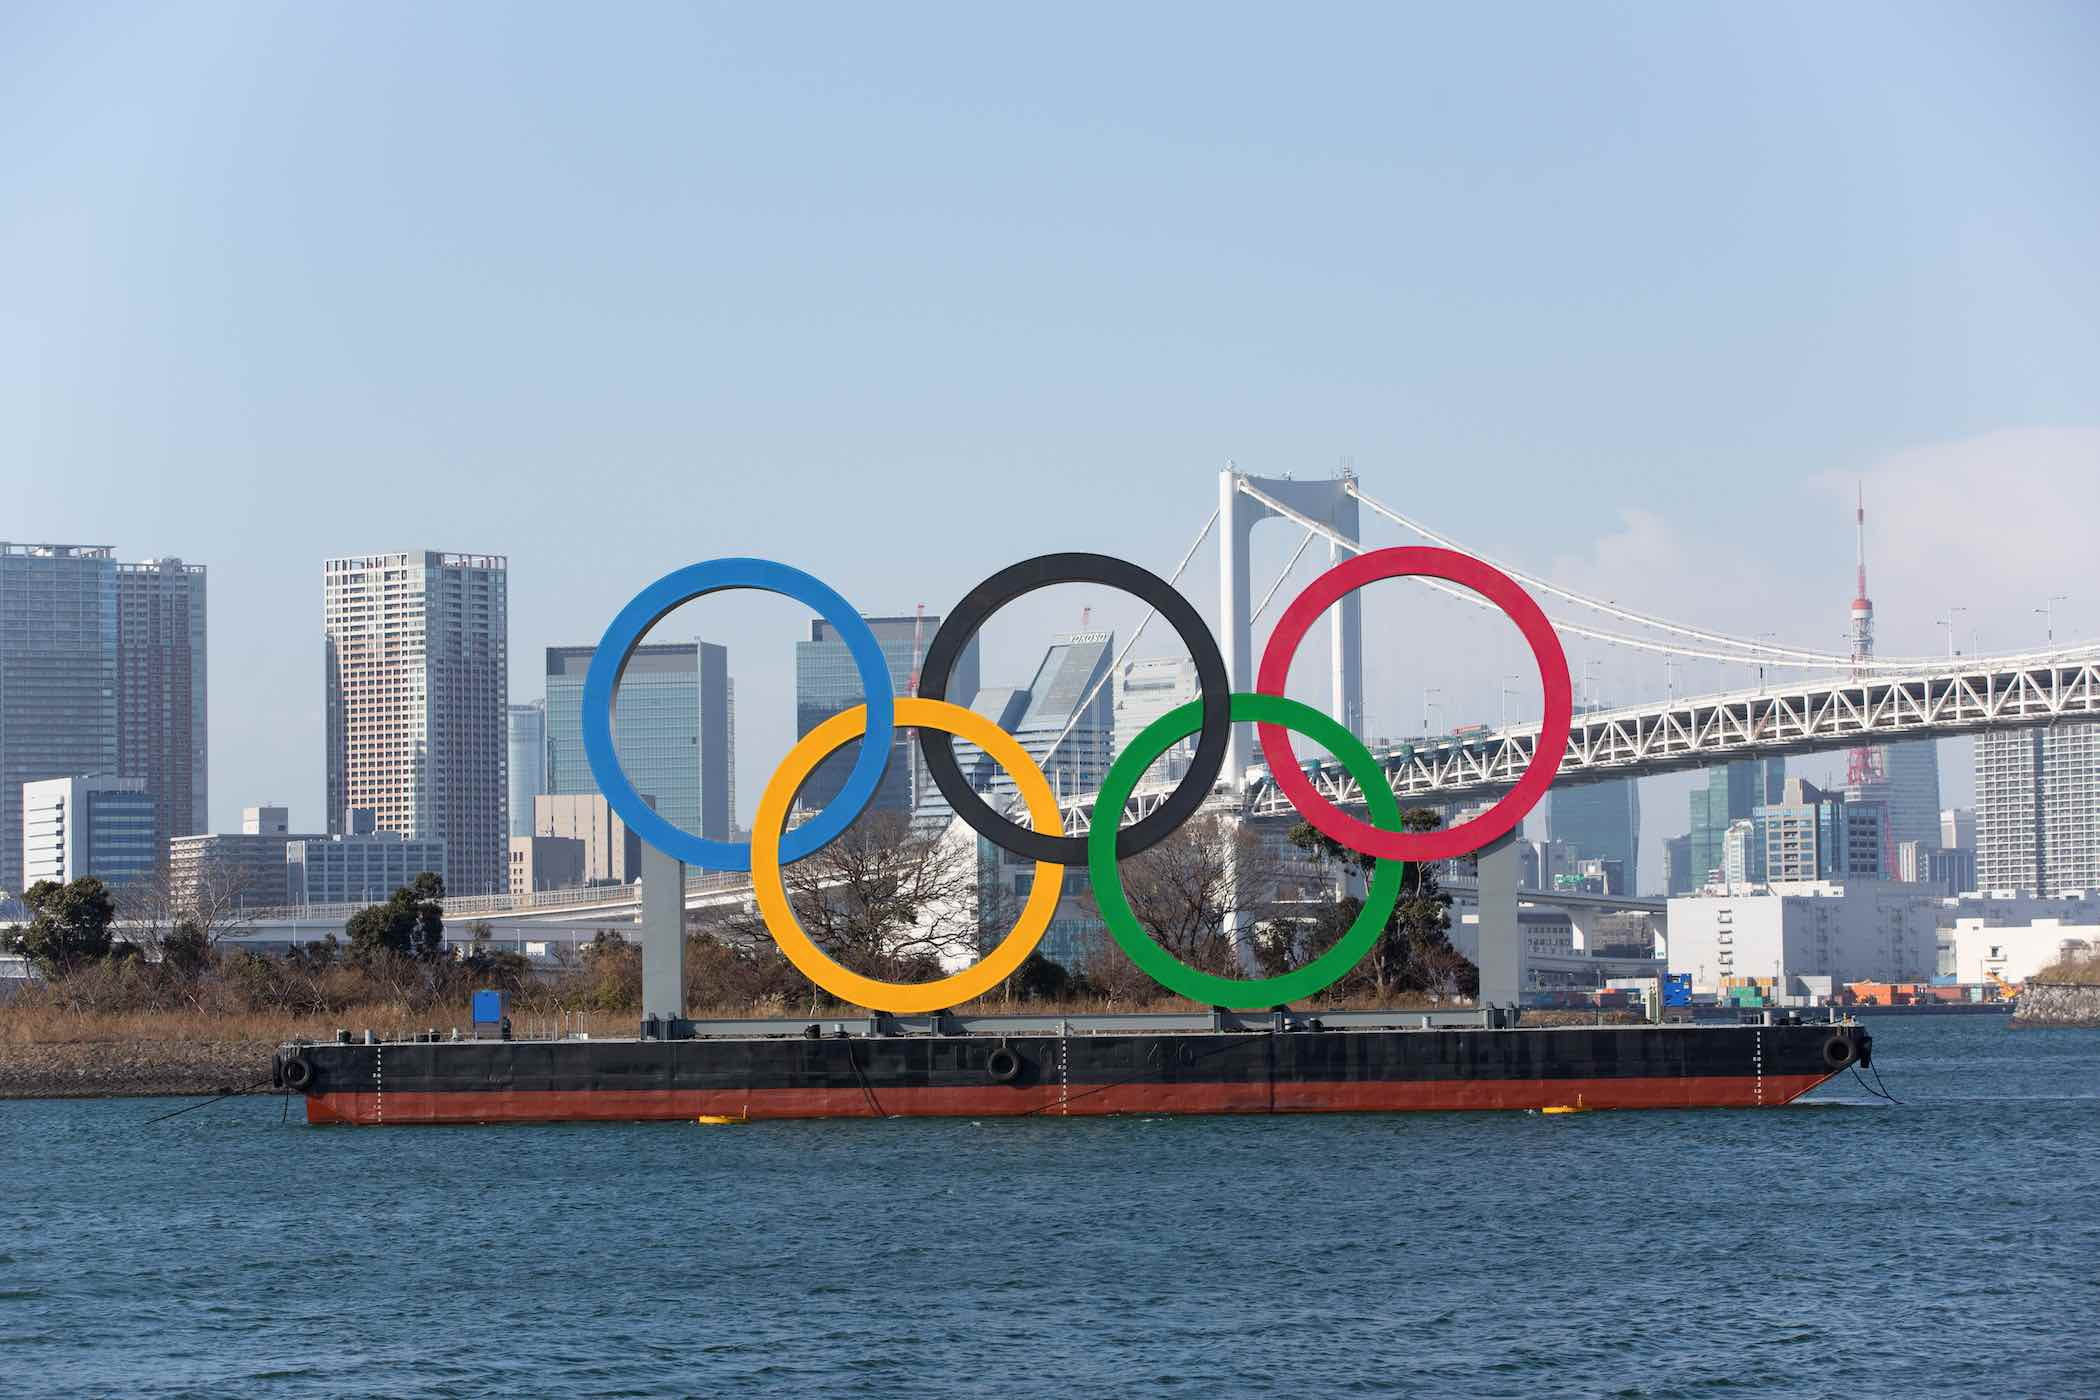 Barco cargando los grandes anillos olímpicos, símbolo de los Juegos Olímpicos, navega a lo largo de un río con edificios de Tokio al fondo.